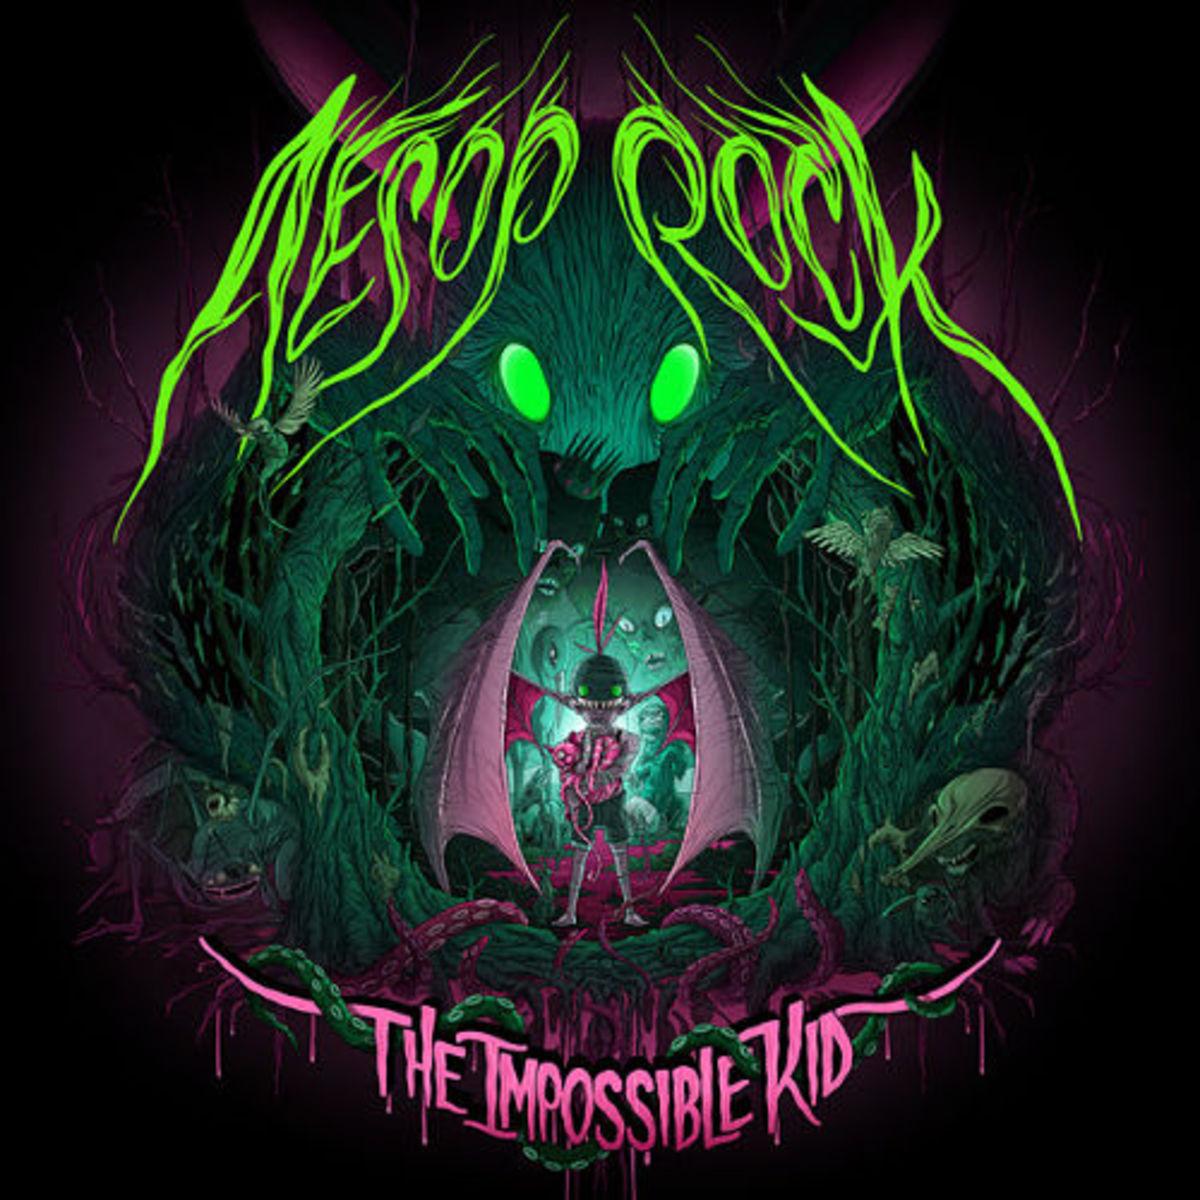 aesop-rock-the-impossible-kid.jpg